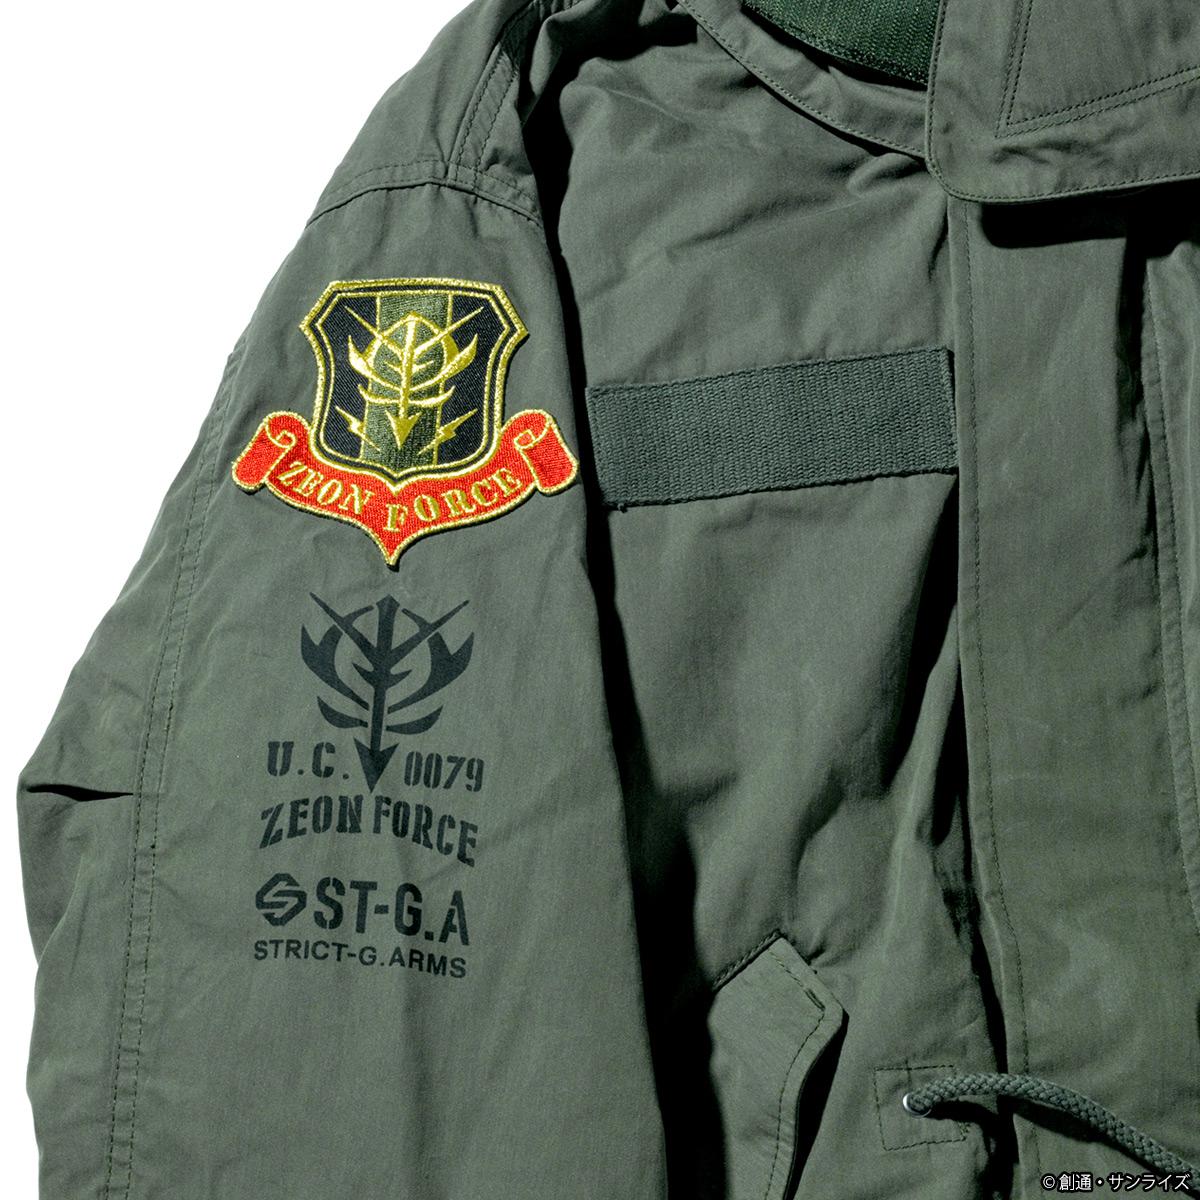 STRICT-G.ARMS『機動戦士ガンダム』M-65 パーカ ジオン軍